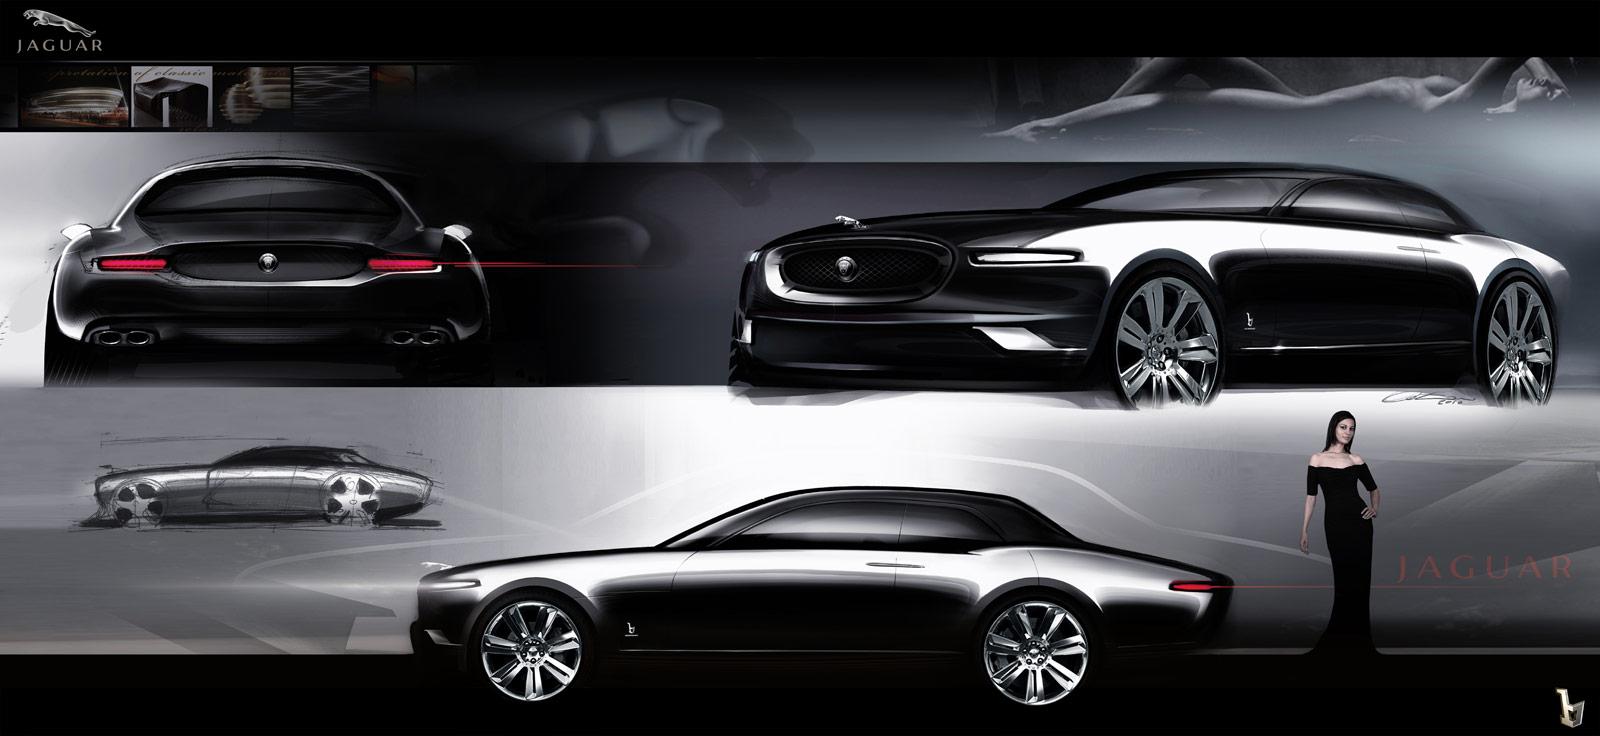 2011_Bertone_Jaguar_B99_Concept_Design-Sketches